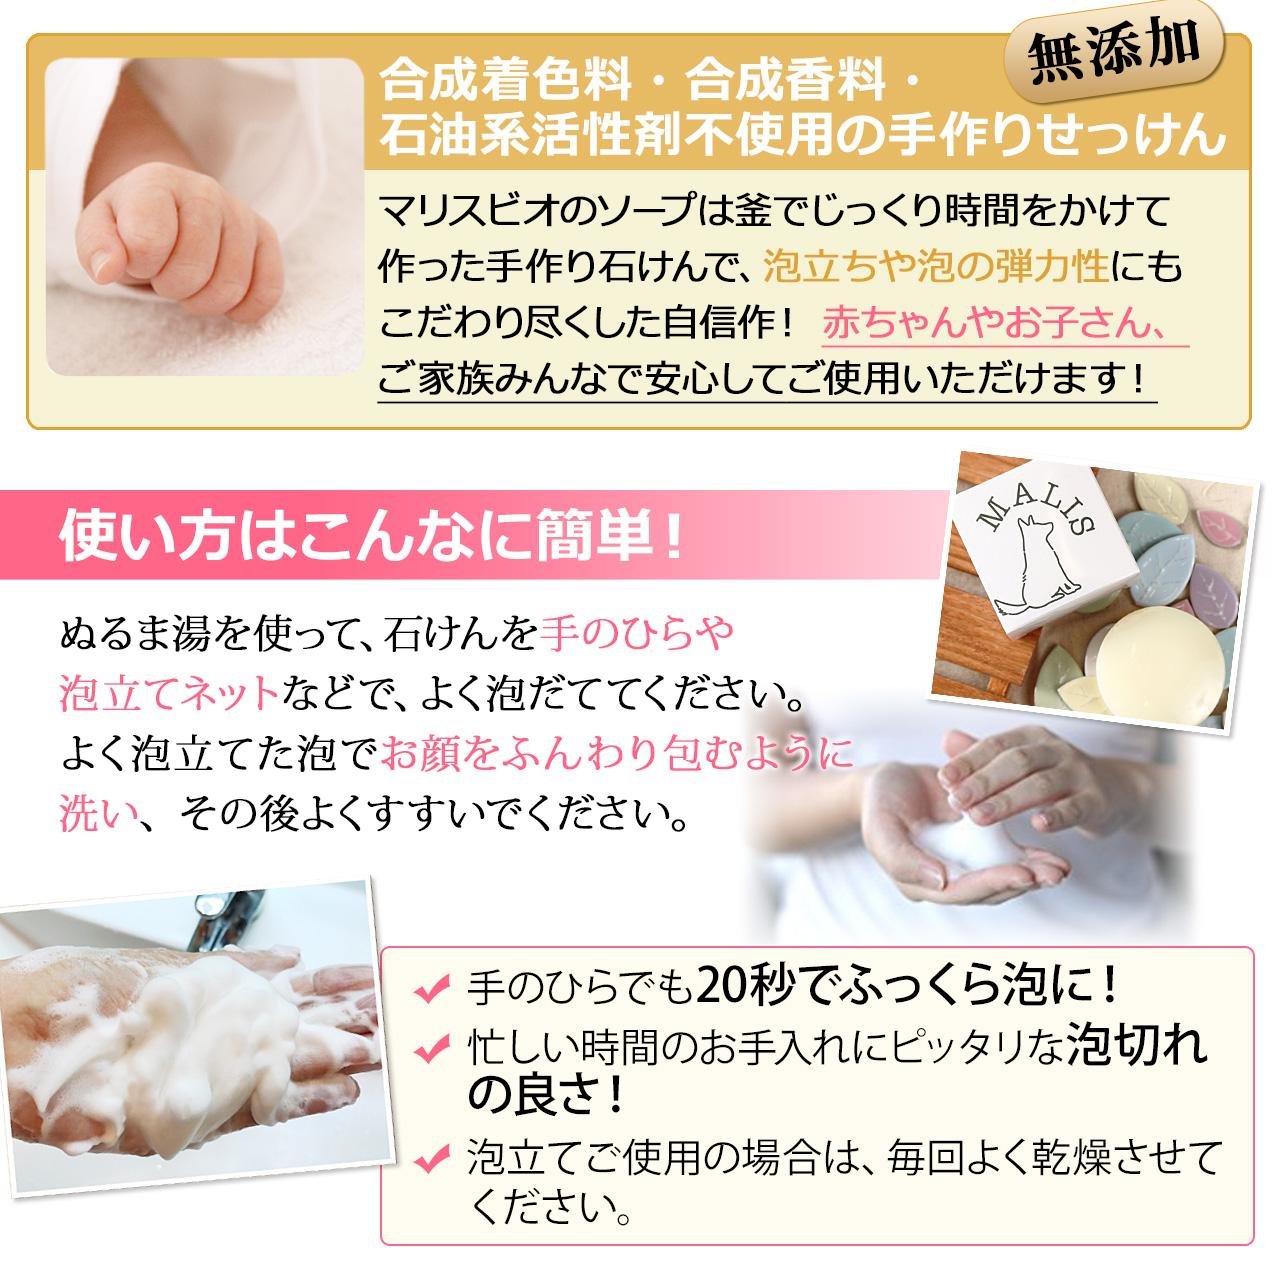 お顔はもちろん、身体もとてもきれい洗い上げます。驚きの洗浄力とうるおいを実感してみてください!乾燥肌が気になる方にも評判です!乾燥シーズンに最適です。